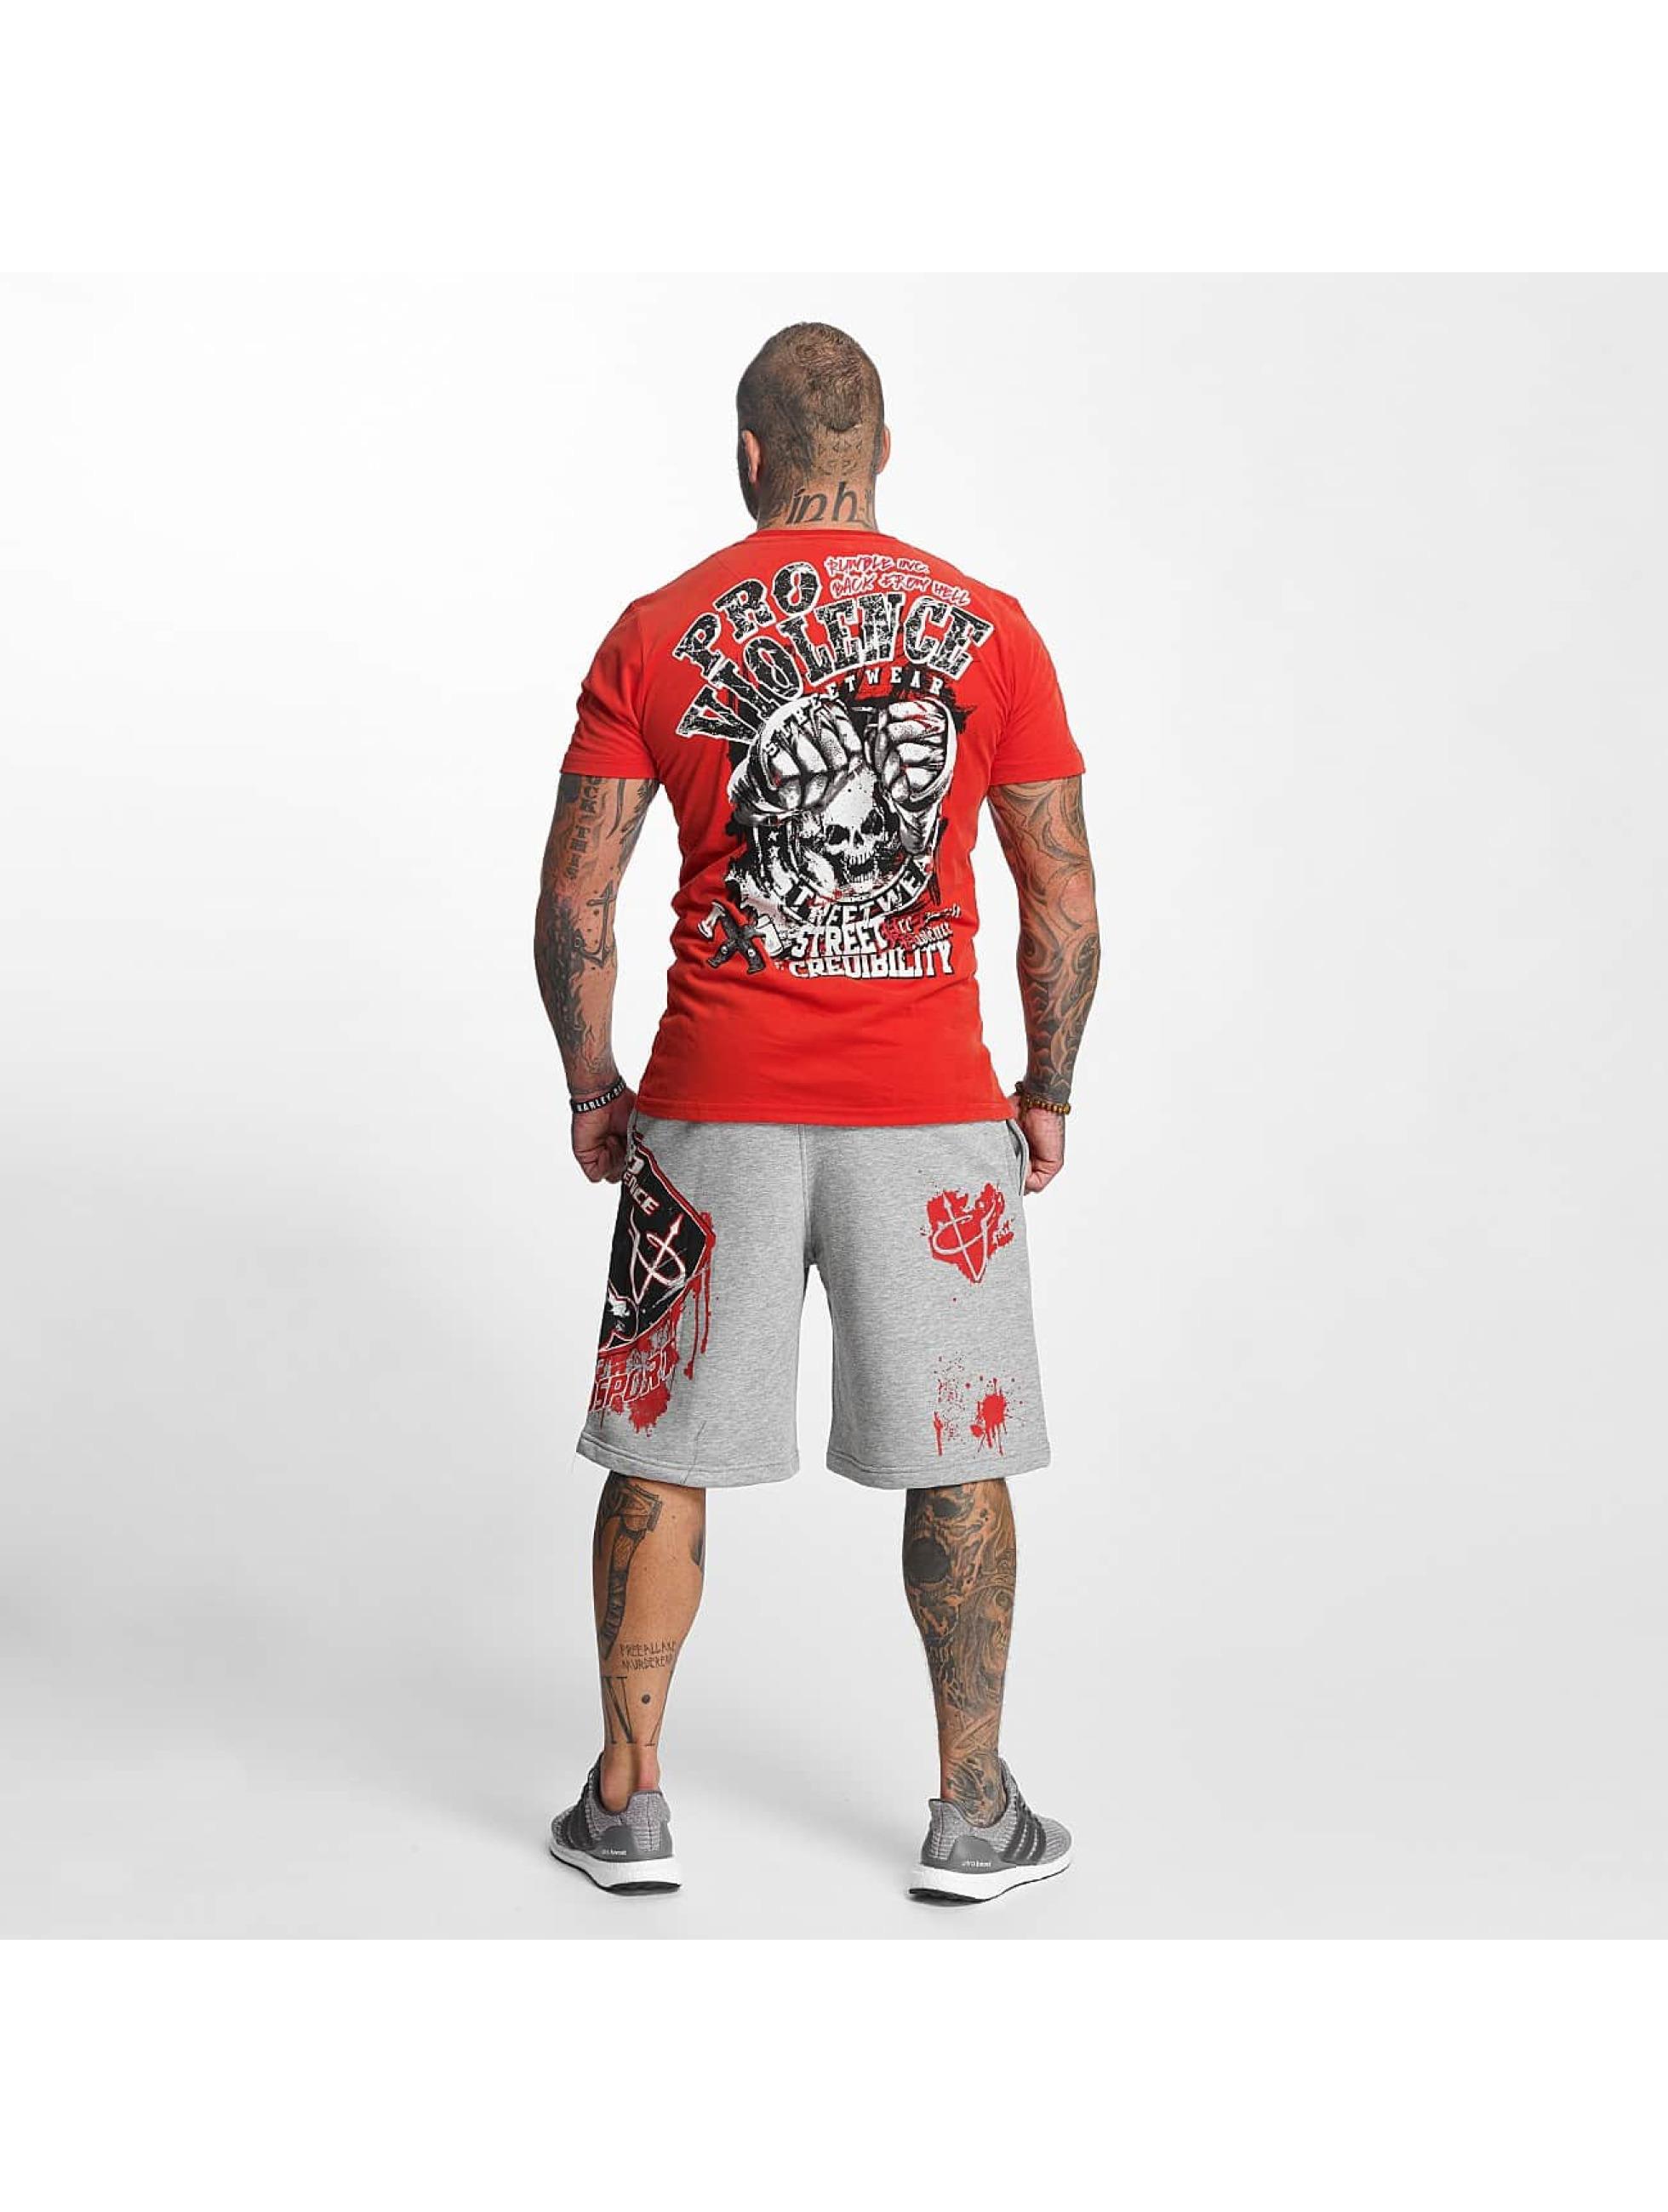 Pro Violence Streetwear T-Shirt Street Ceidbilty rouge